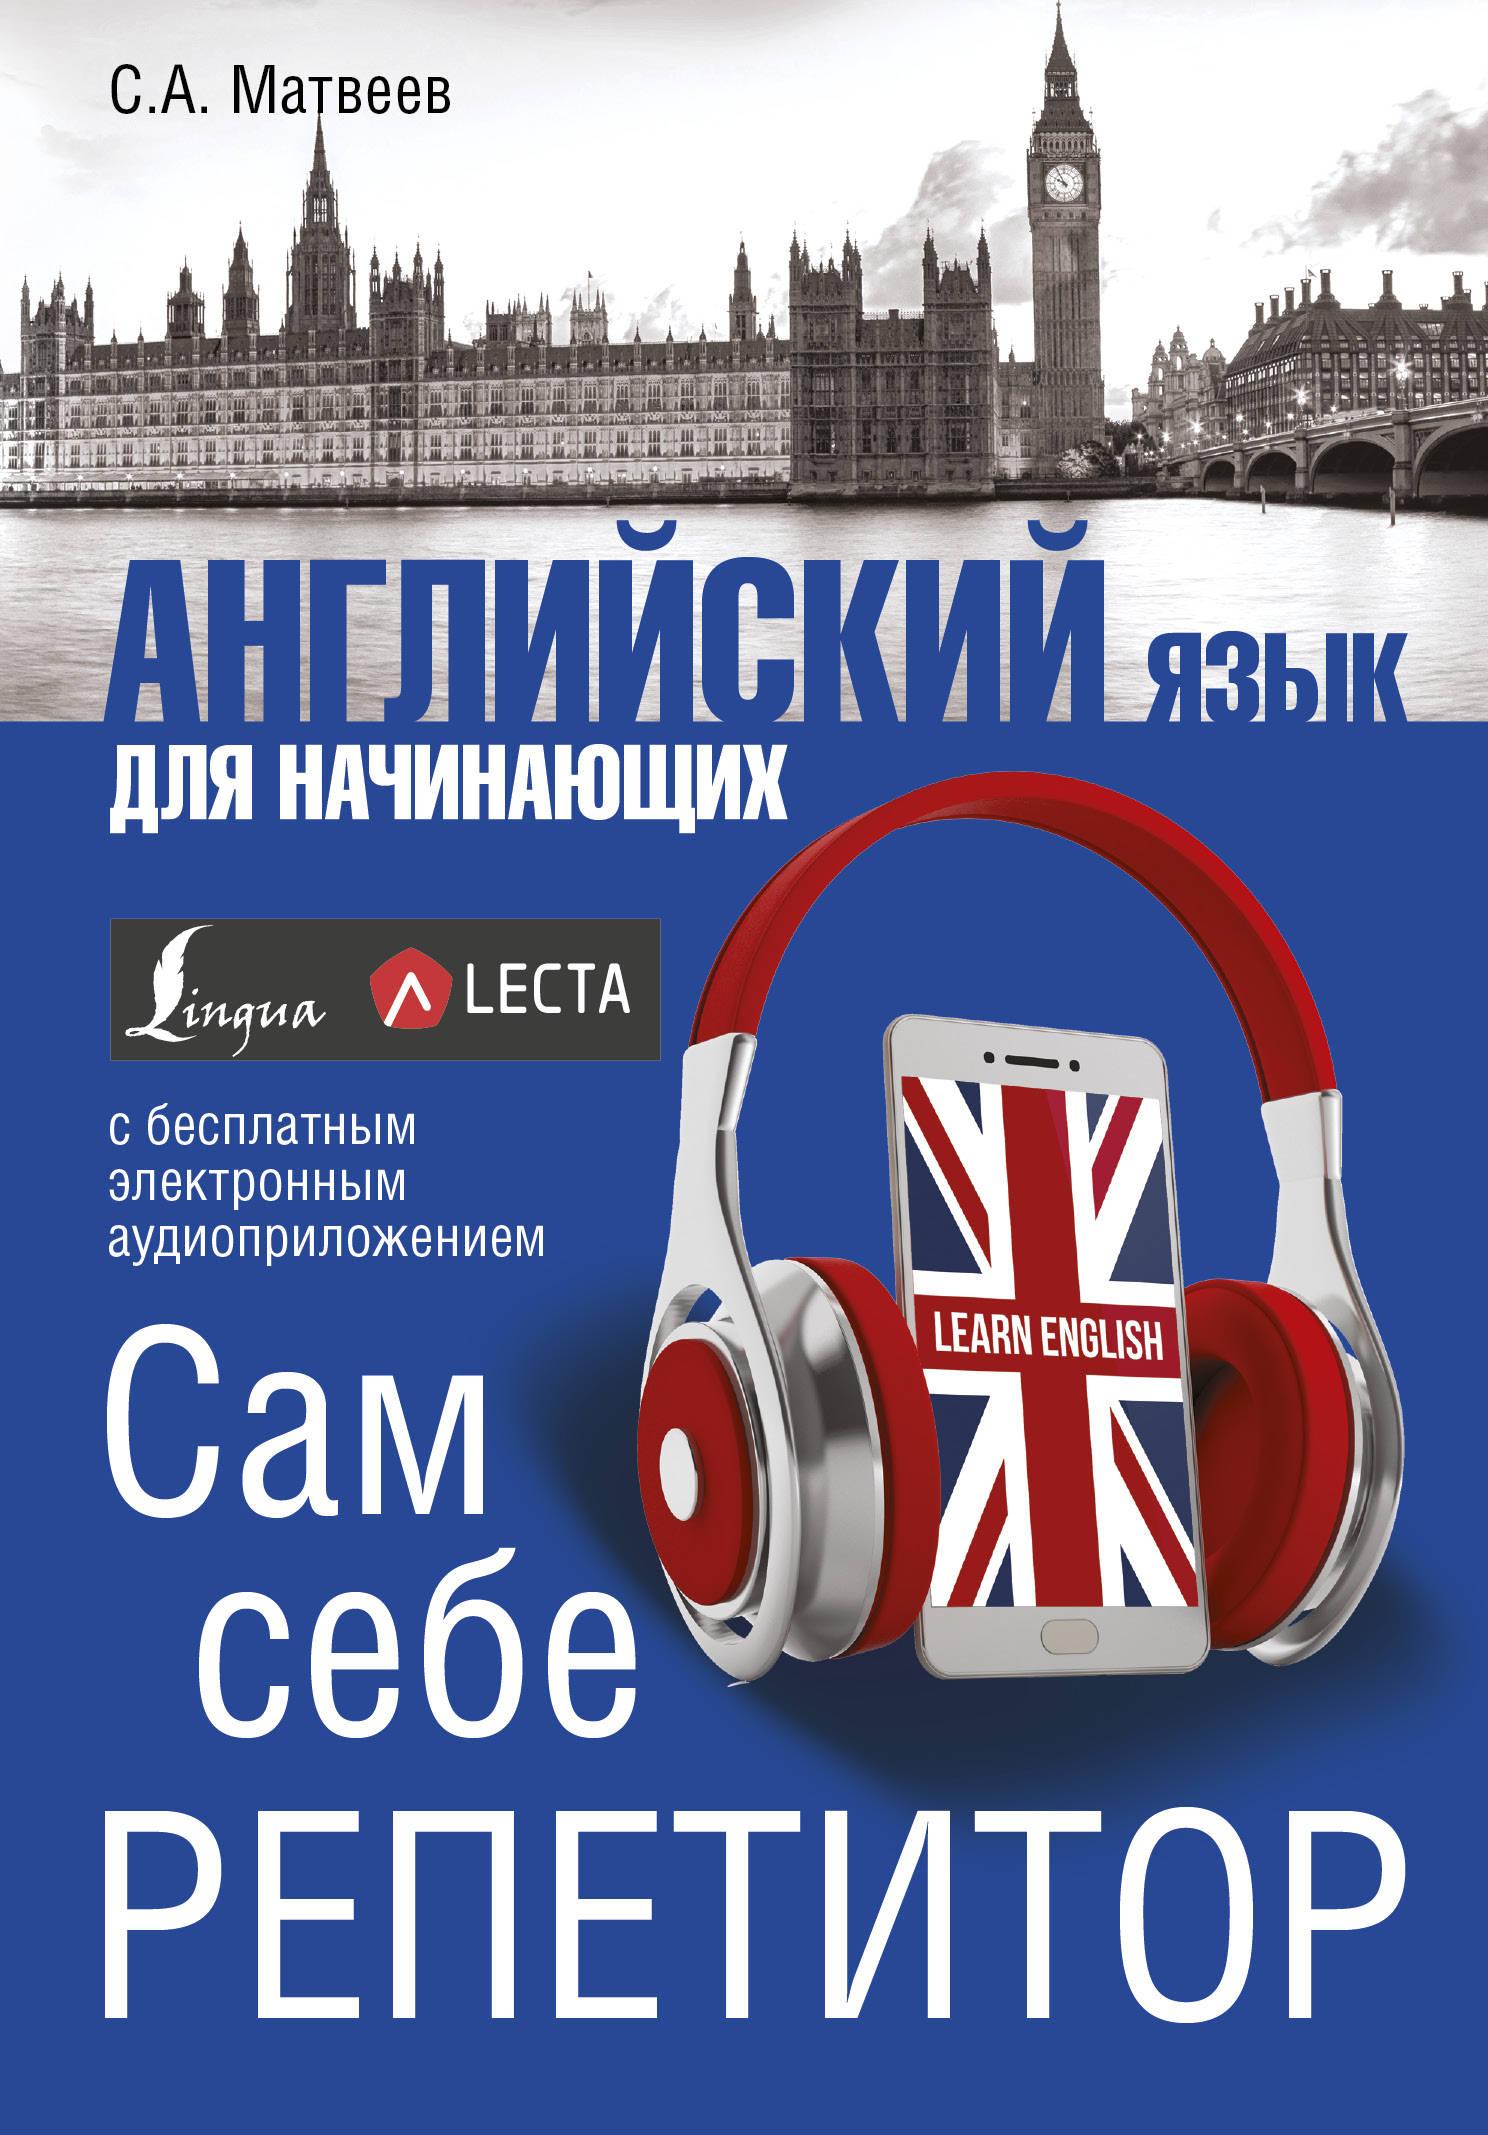 С. А. Матвеев Английский язык для начинающих (+ аудиоприложение Lecta) учебники дрофа английский язык 8кл раб тетр n2 вертикаль